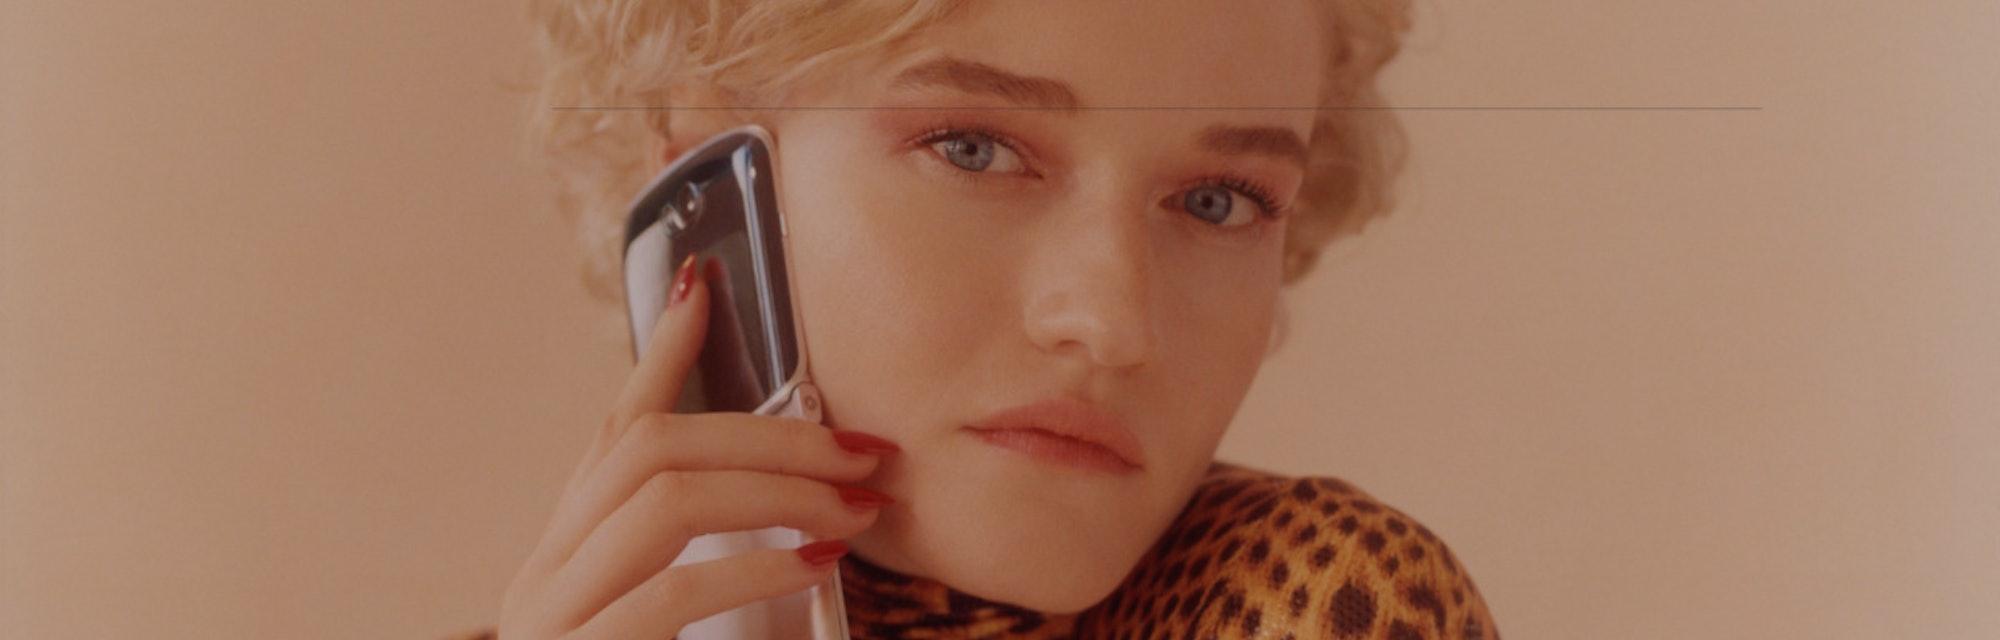 Actress Julia Garner holding the Motorola Razr.